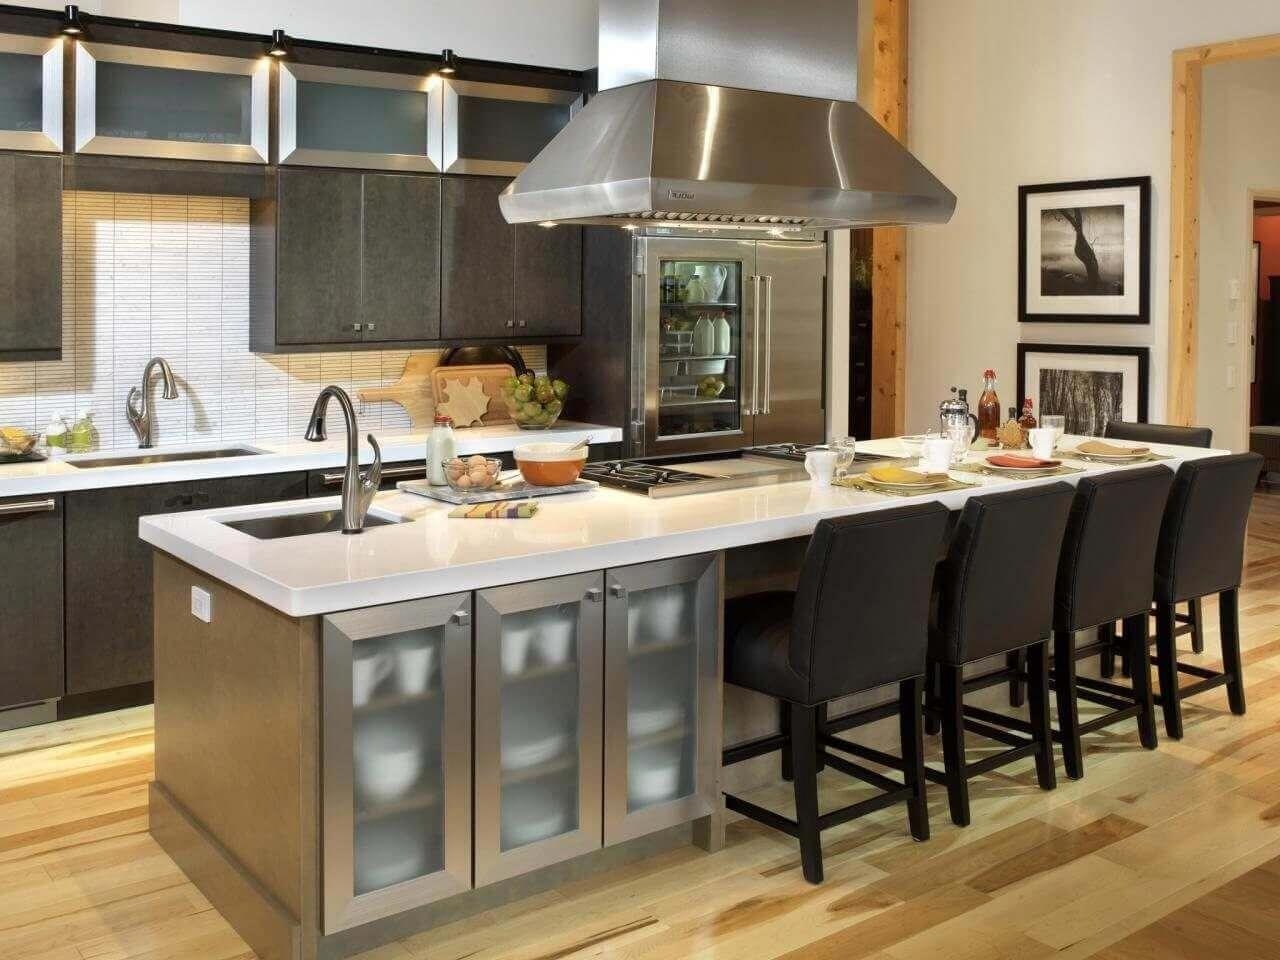 Modern Luxury Kitchens For A Grand Kitchen   Kitchen ...